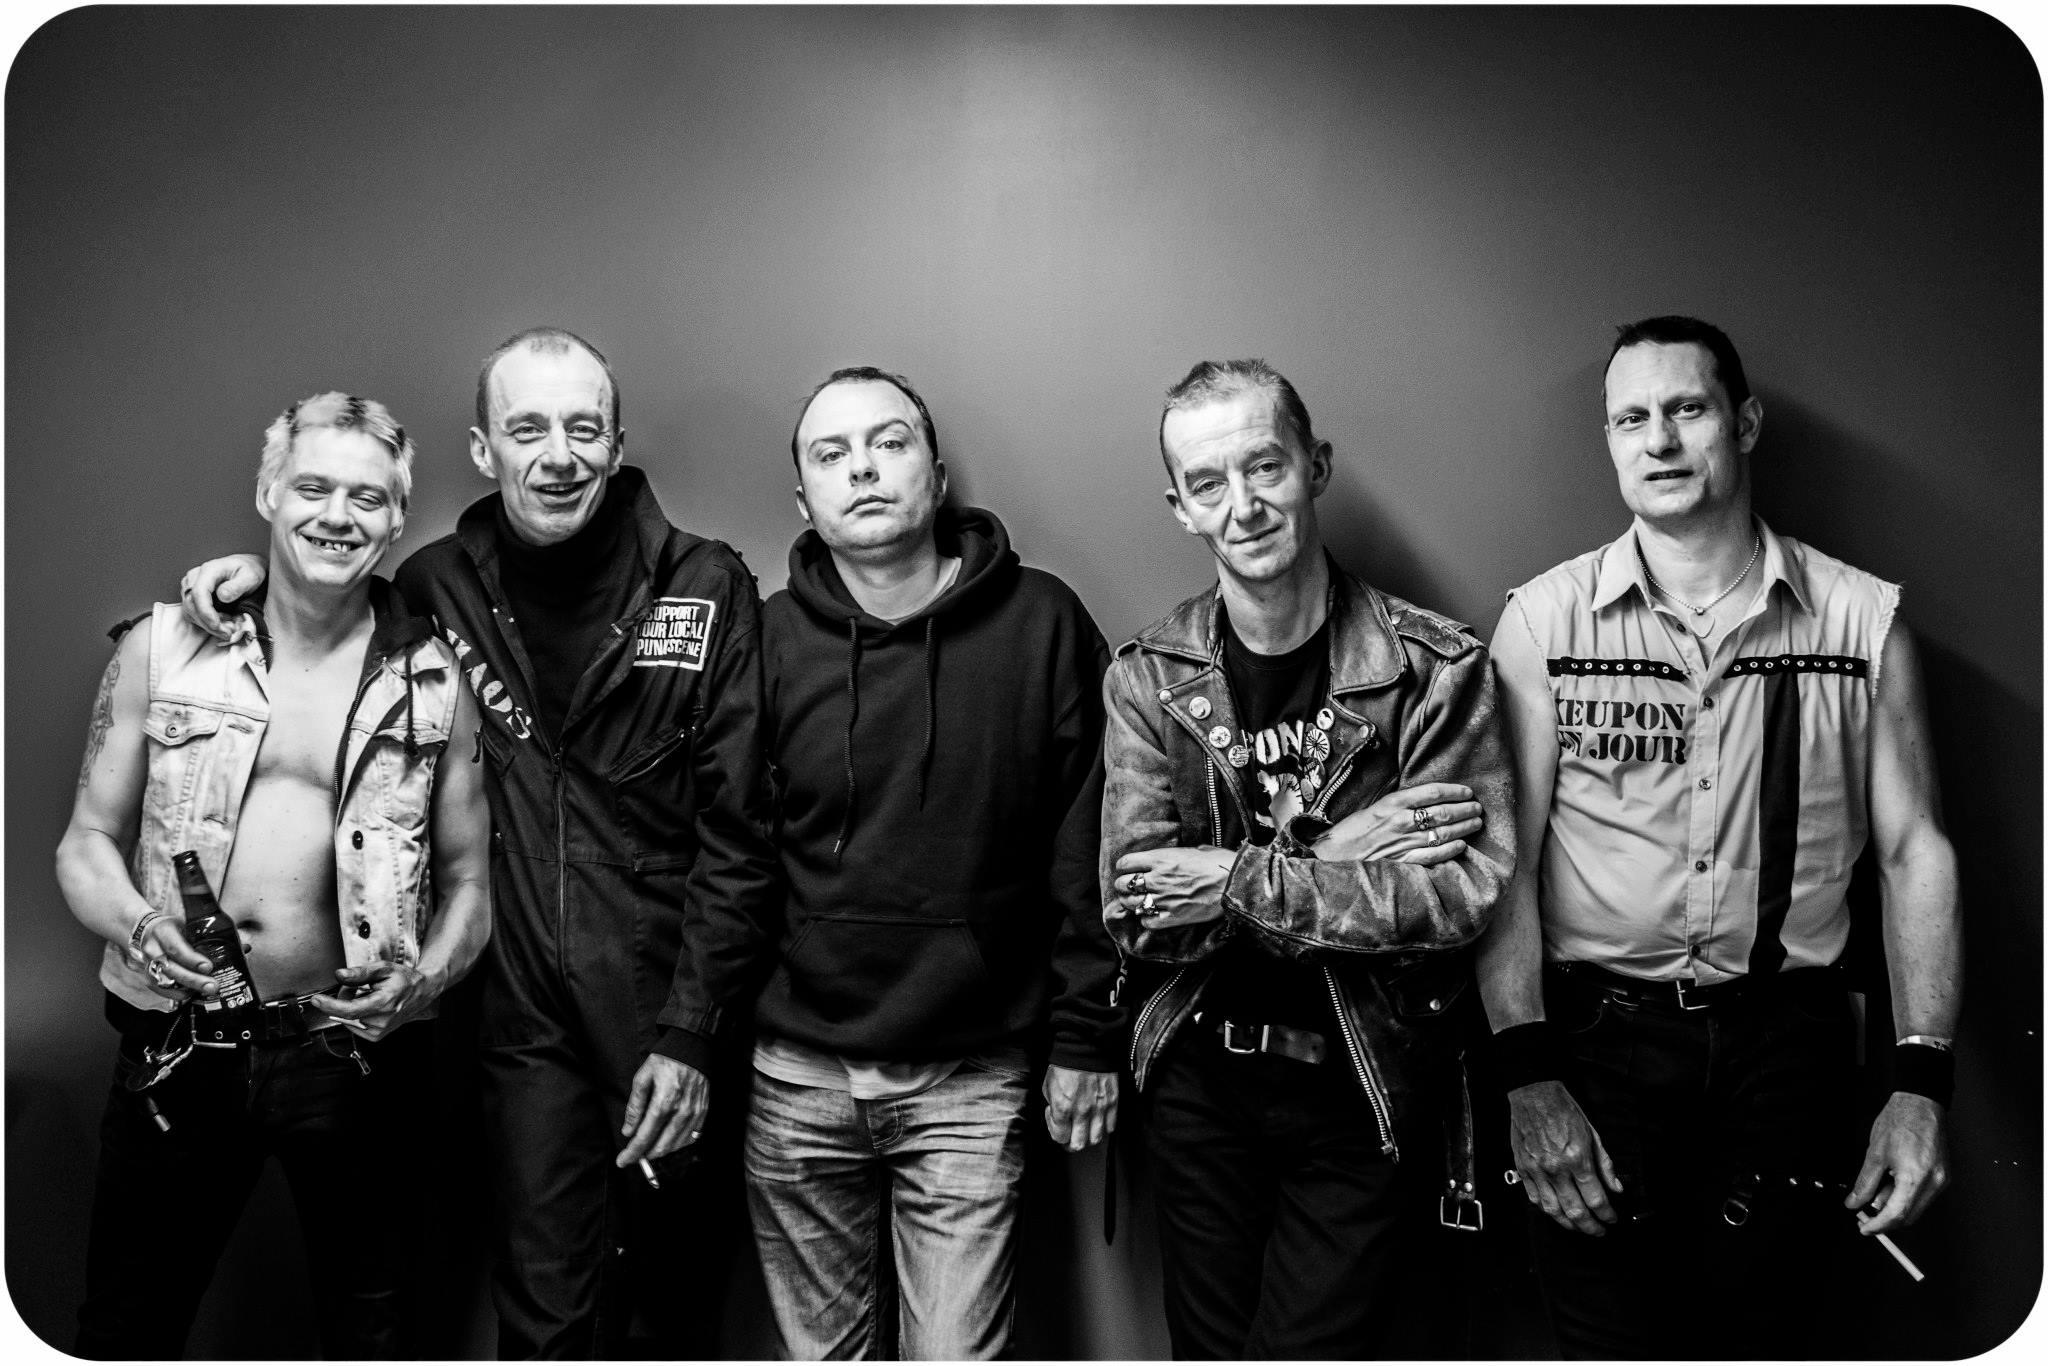 Les Sales majest�s en concert et en tourn�e au Quebec en 2014 avant un nouvel album